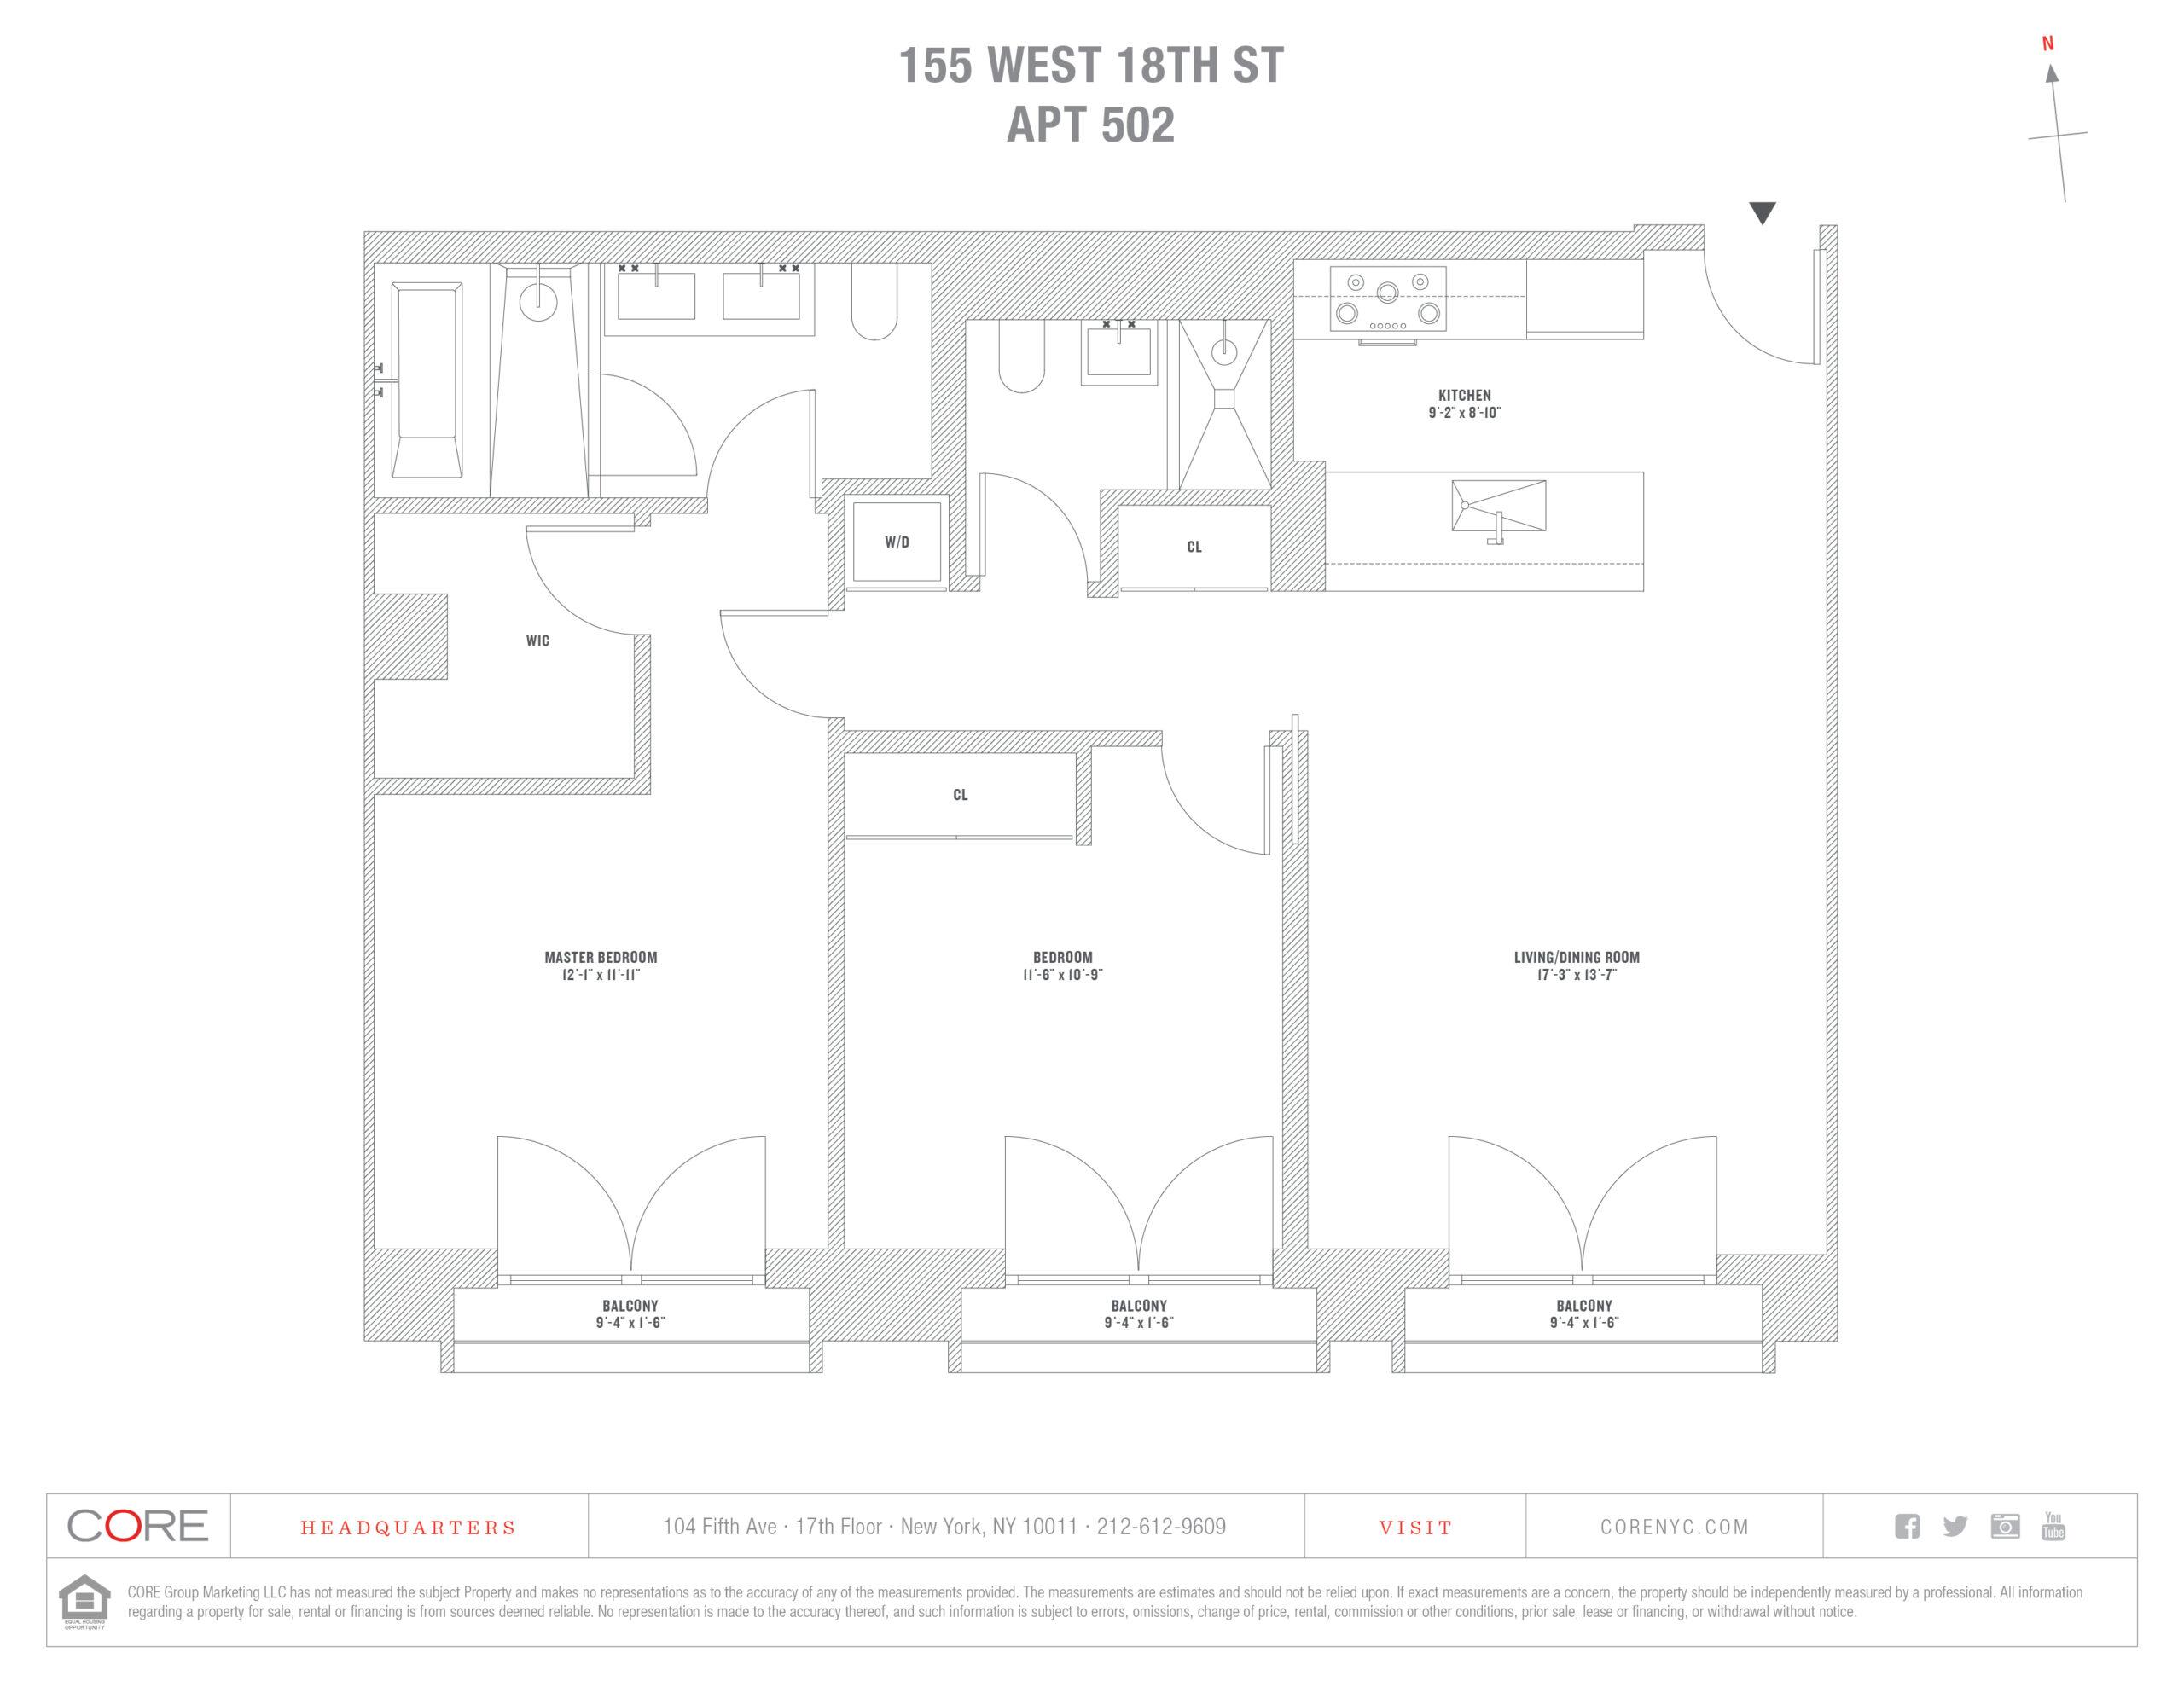 155 West 18th St. 502, New York, NY 10011